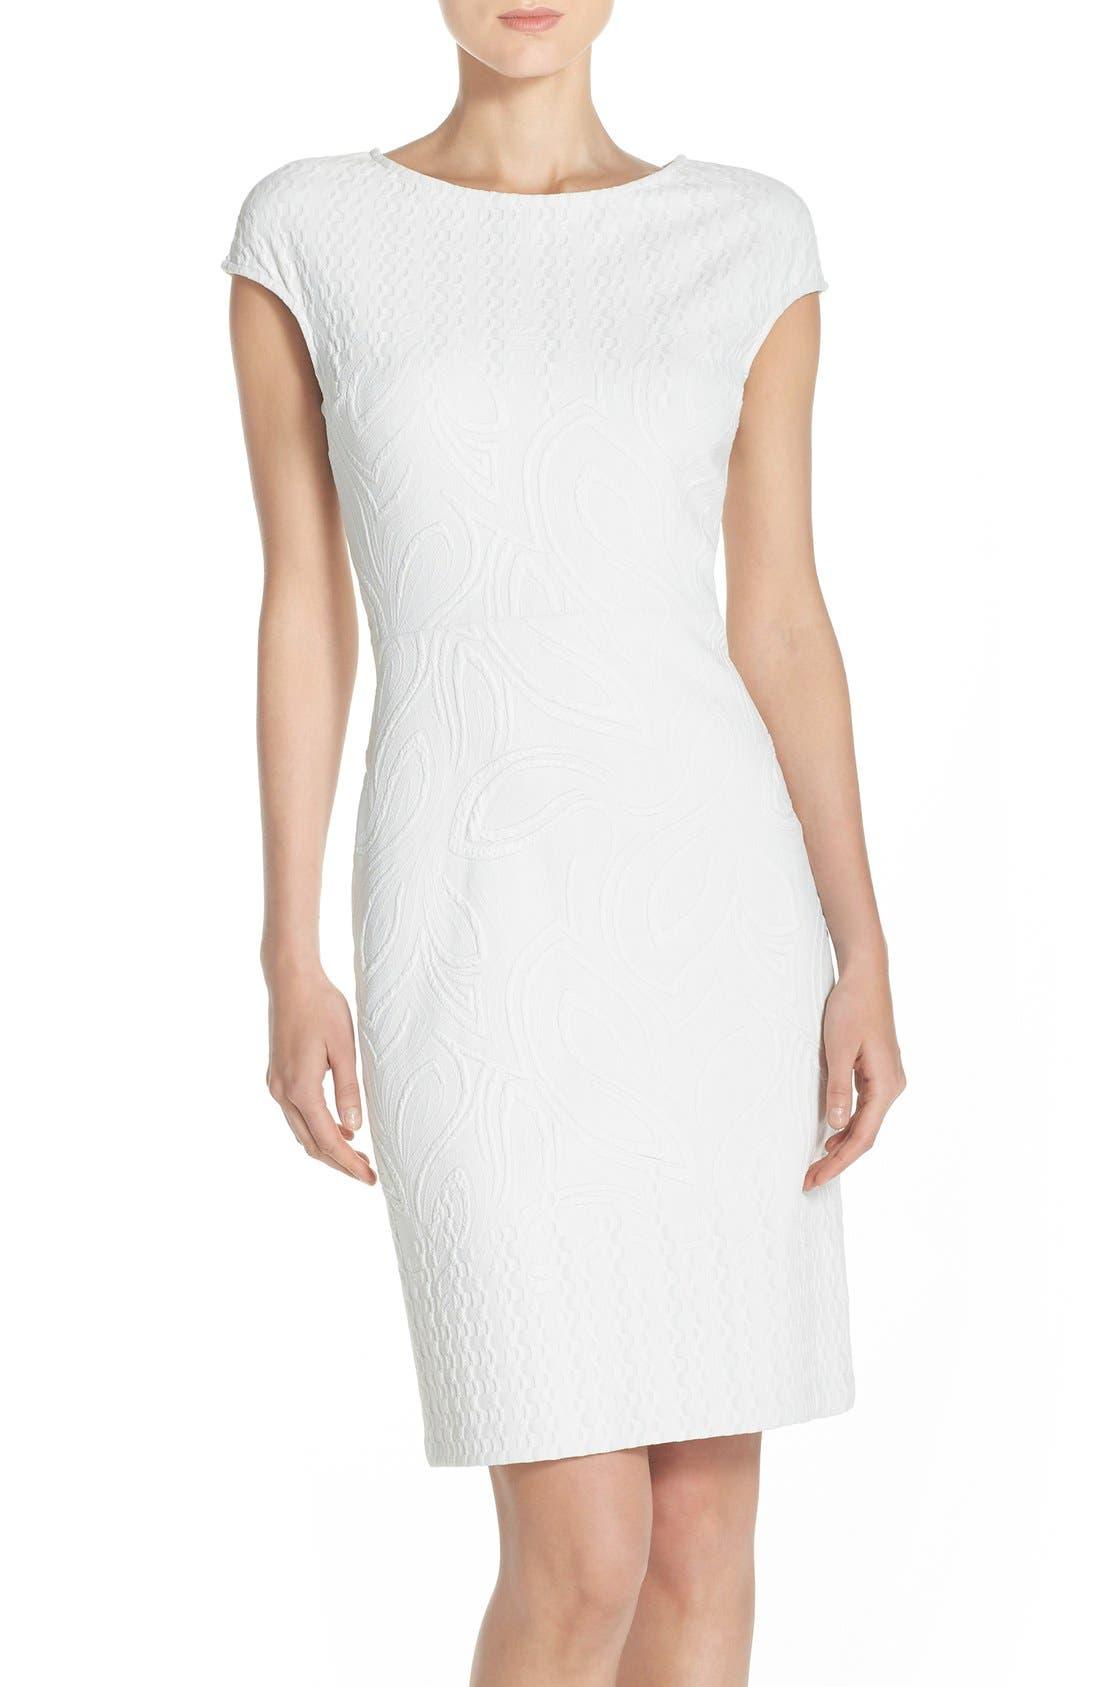 Jacquard Sheath Dress,                             Main thumbnail 1, color,                             110